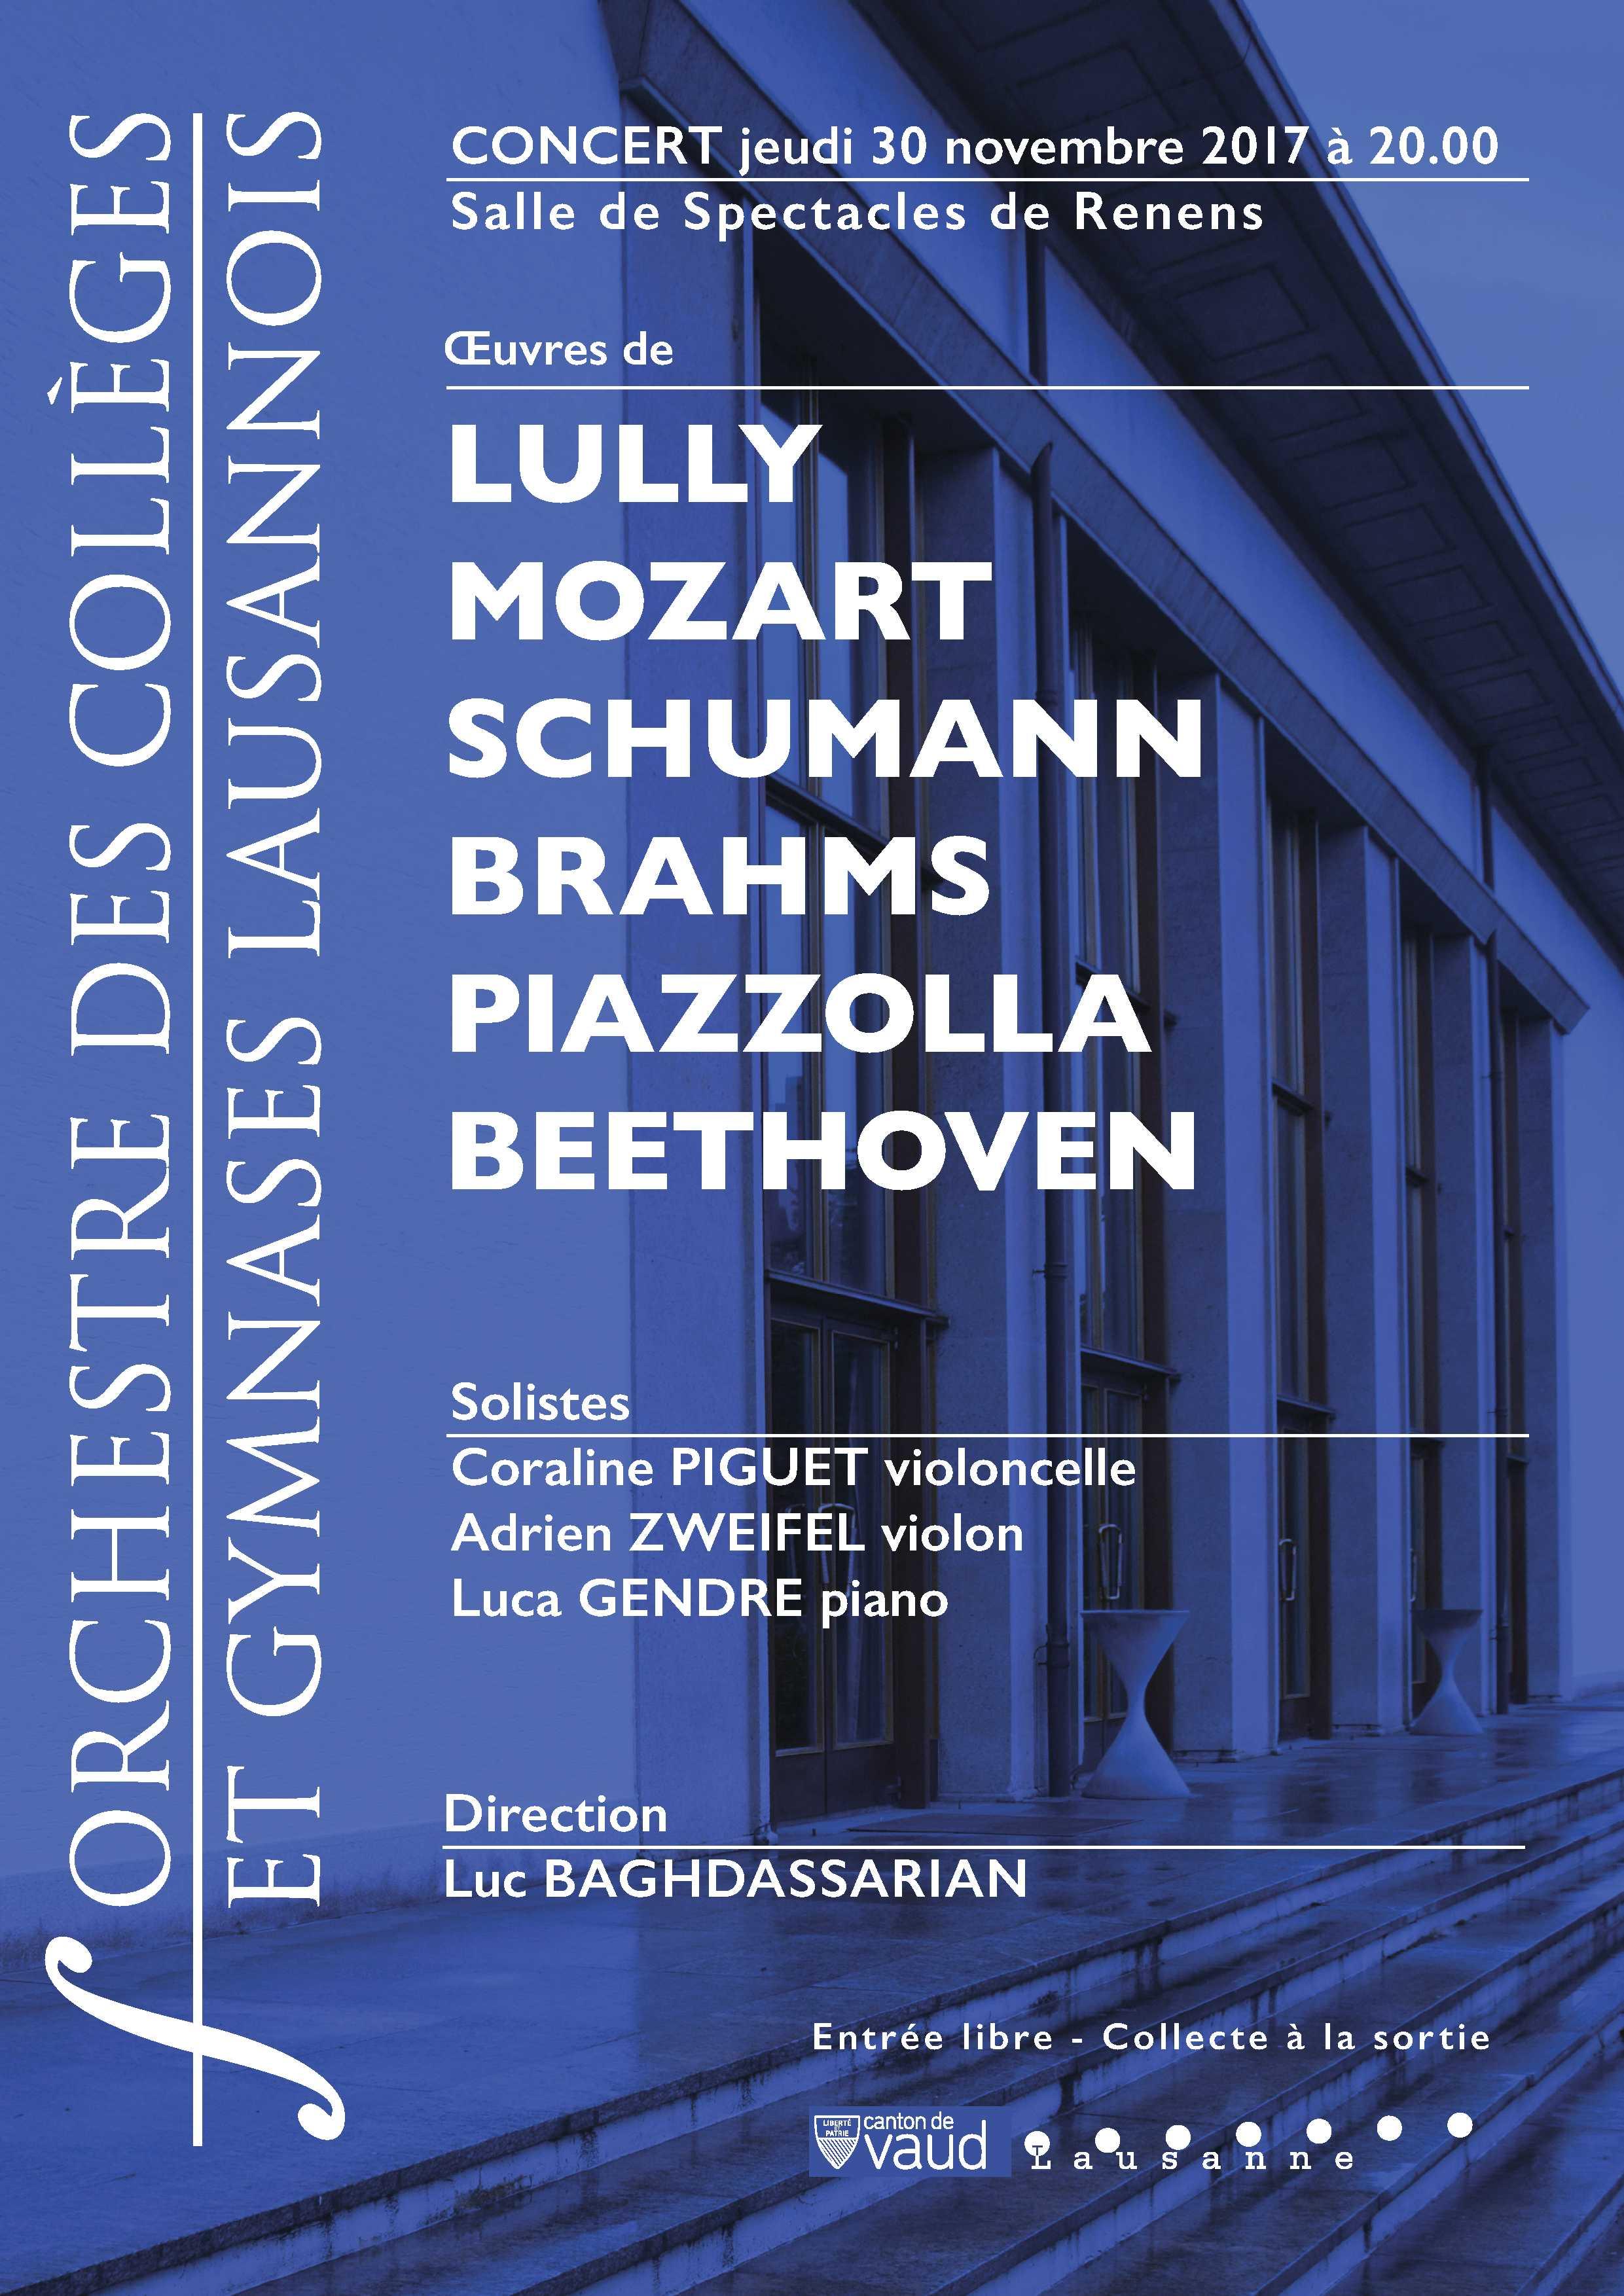 Concert de l'Orchestre des collèges et gymnases lausannois